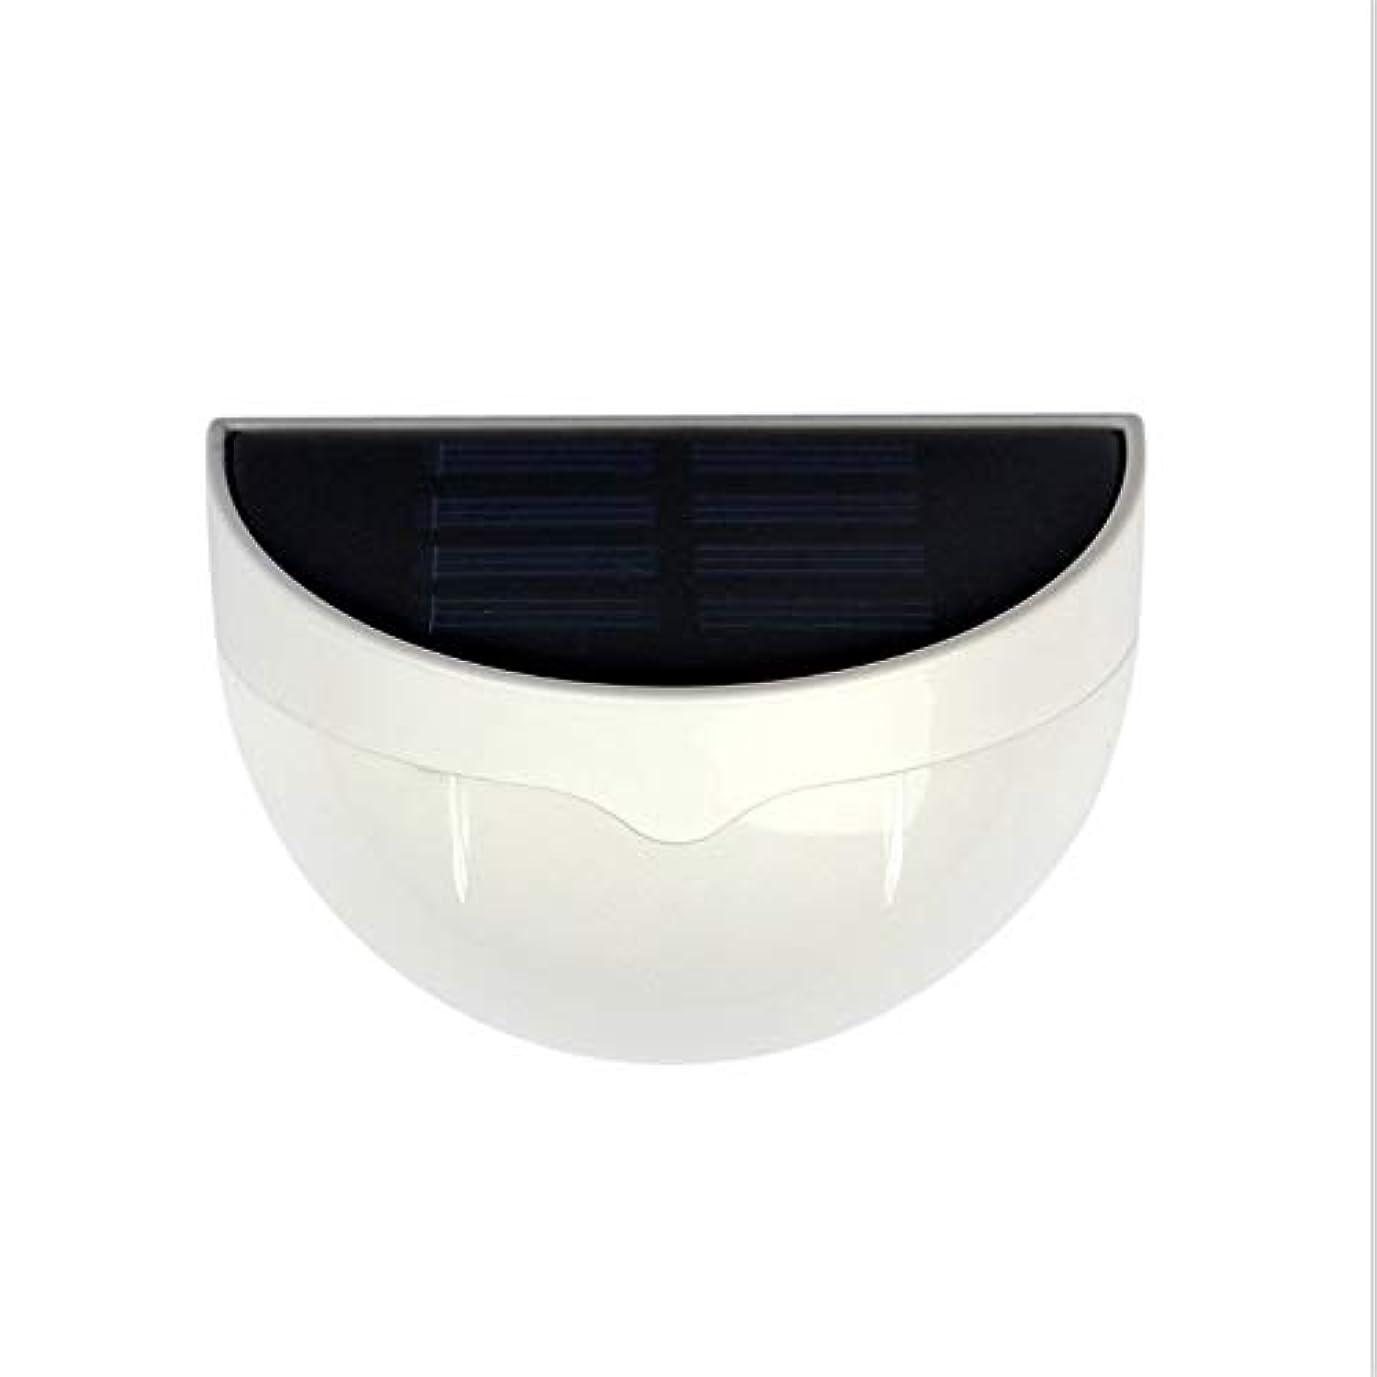 相関する熟読サイレントFXJDD 4個のパックLED屋外ソーラーライトワイヤレスIP55防水ライトウォールランプパティオデッキヤードガーデンパスウェイの景色歩道ドライブウェイライト白い色 FXJDD